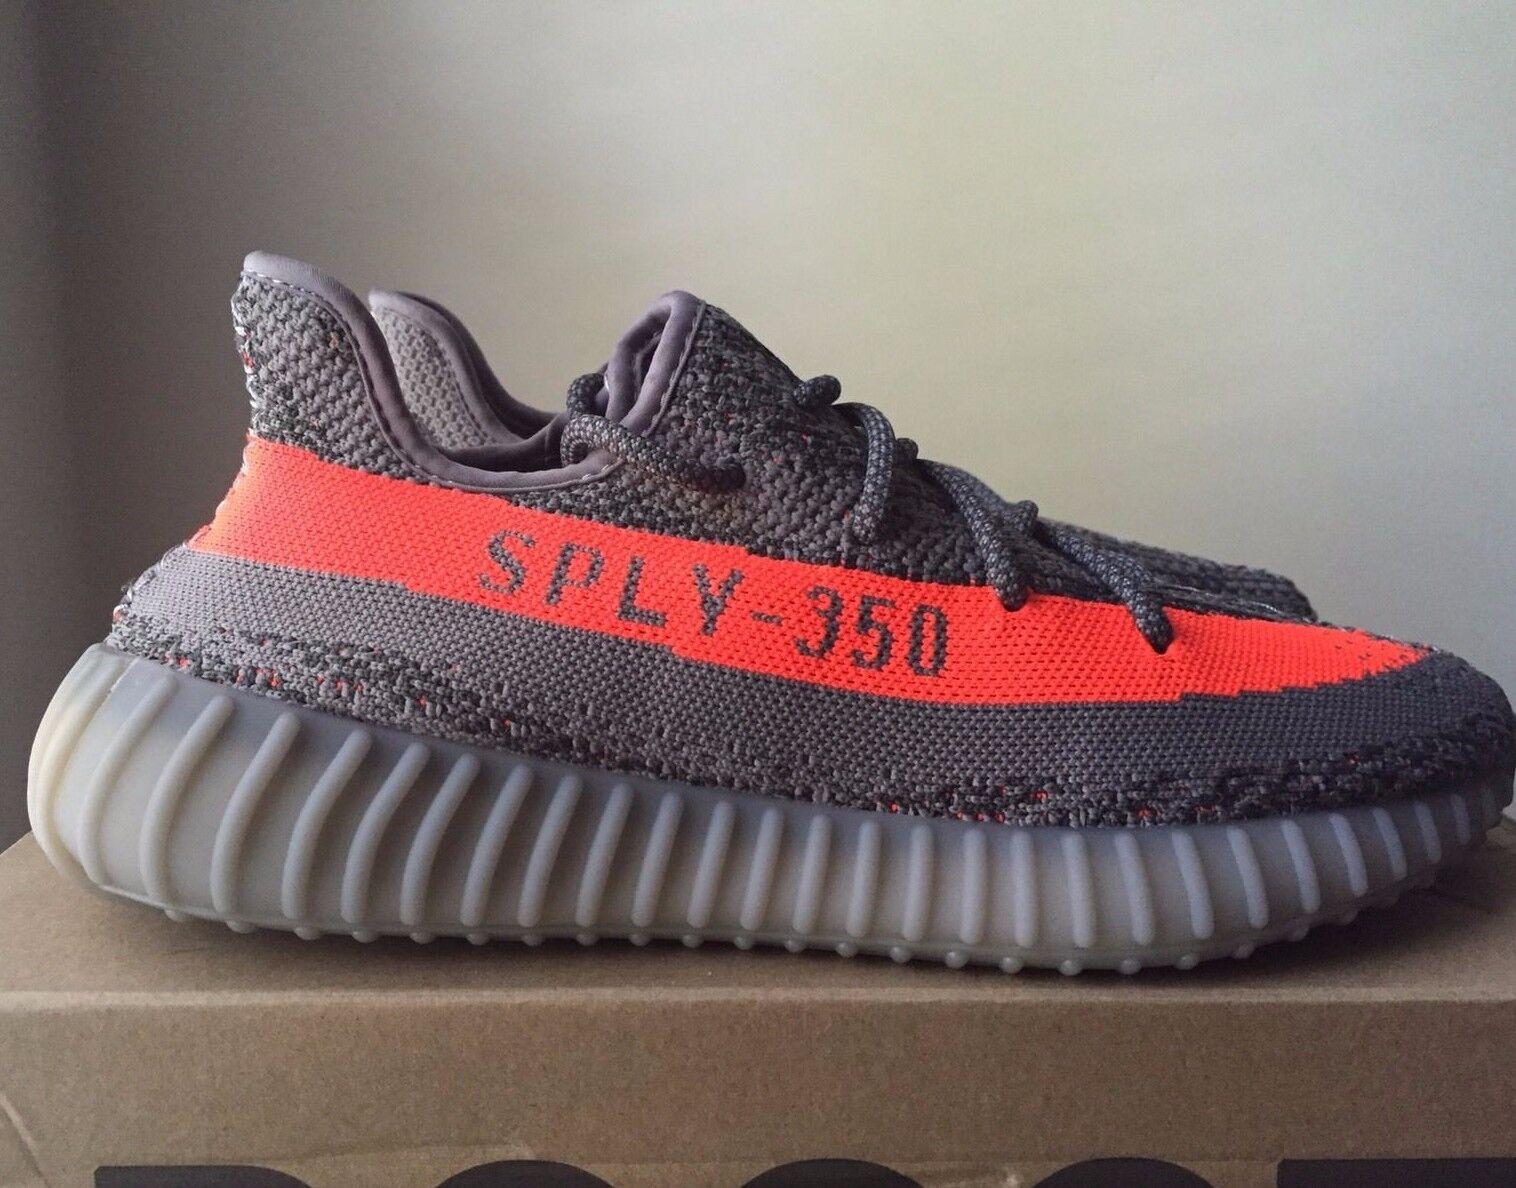 Adidas Yeezy comodo Boost 350 V2 Beluga comodo Yeezy 54c57a